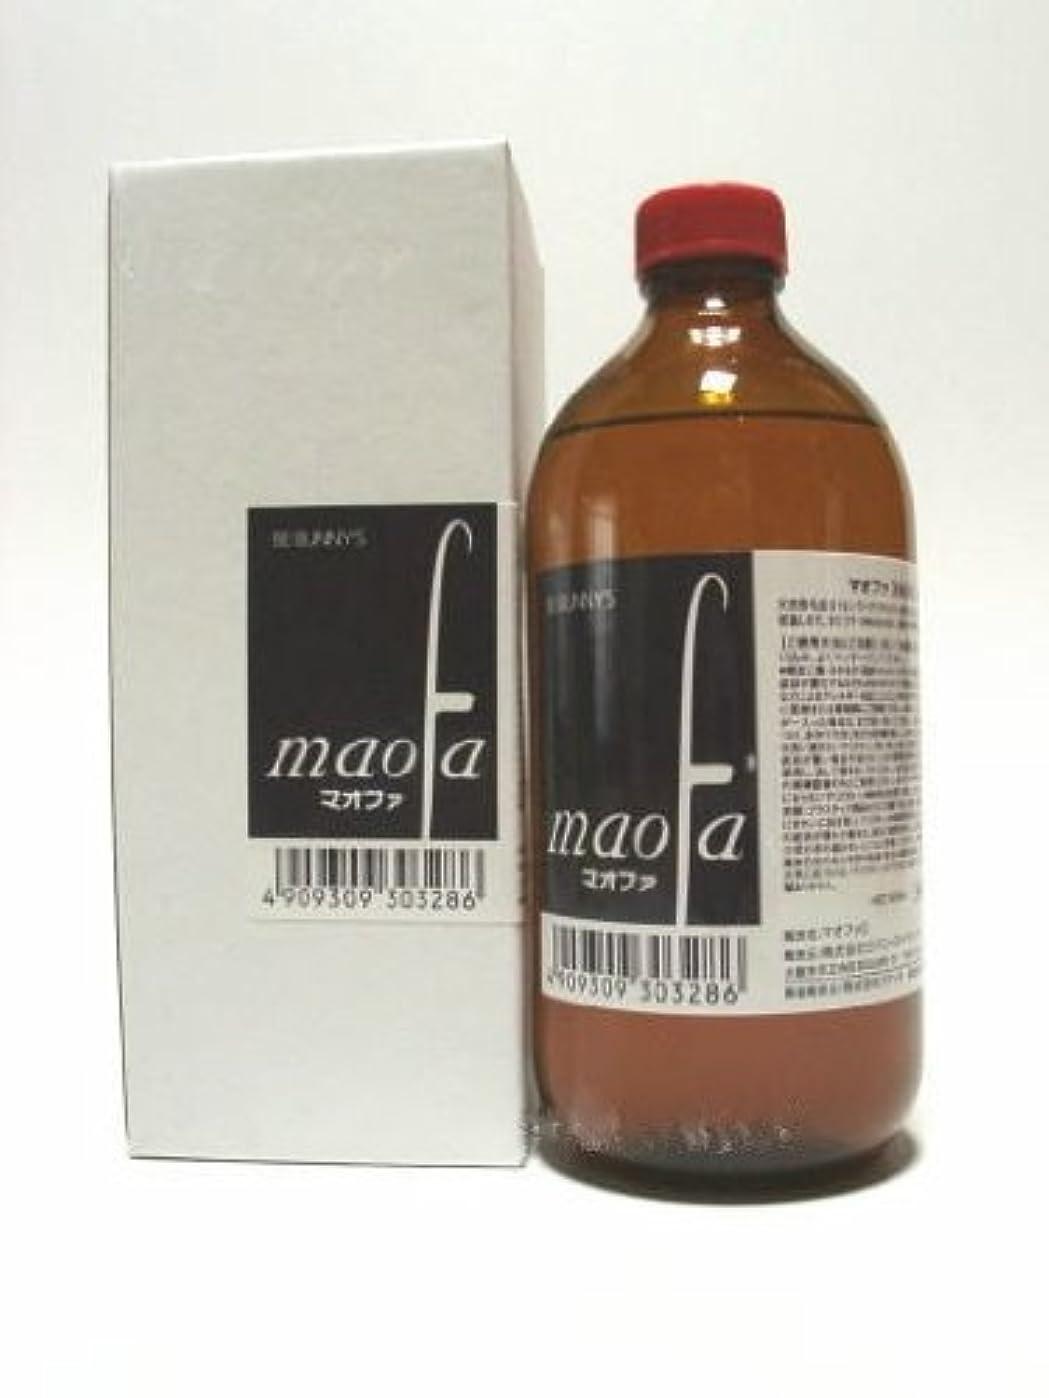 素晴らしい良い多くのマッシュ変位【ロイヤル?アストレア】脂性肌薬用育毛剤 マオファD 500ml